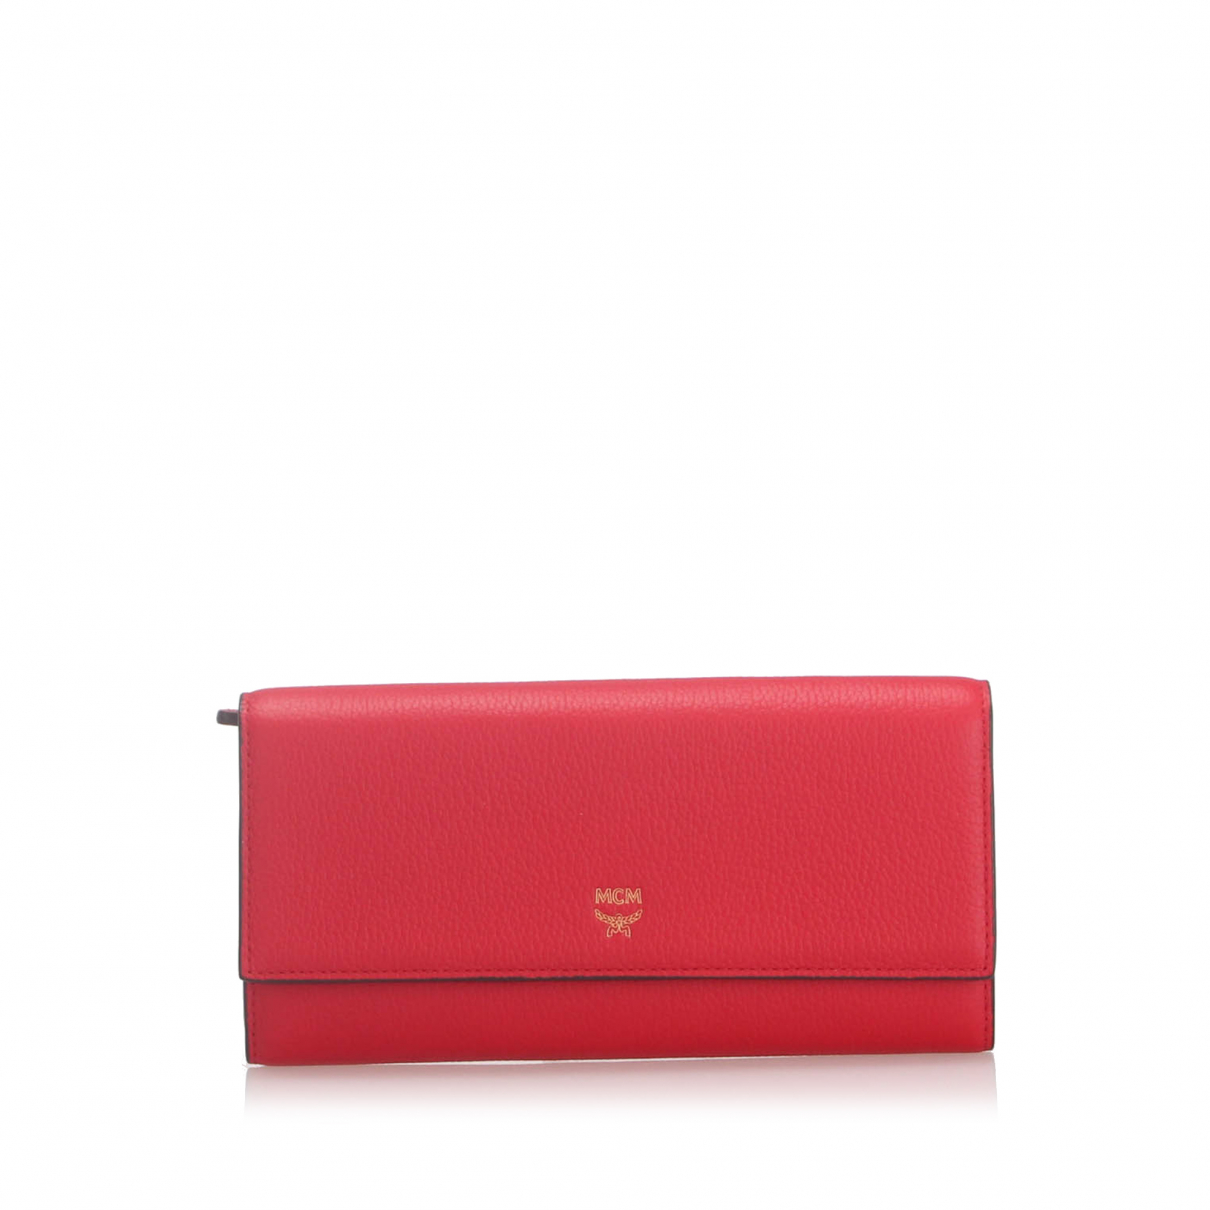 Mcm - Portefeuille   pour femme en cuir - rouge